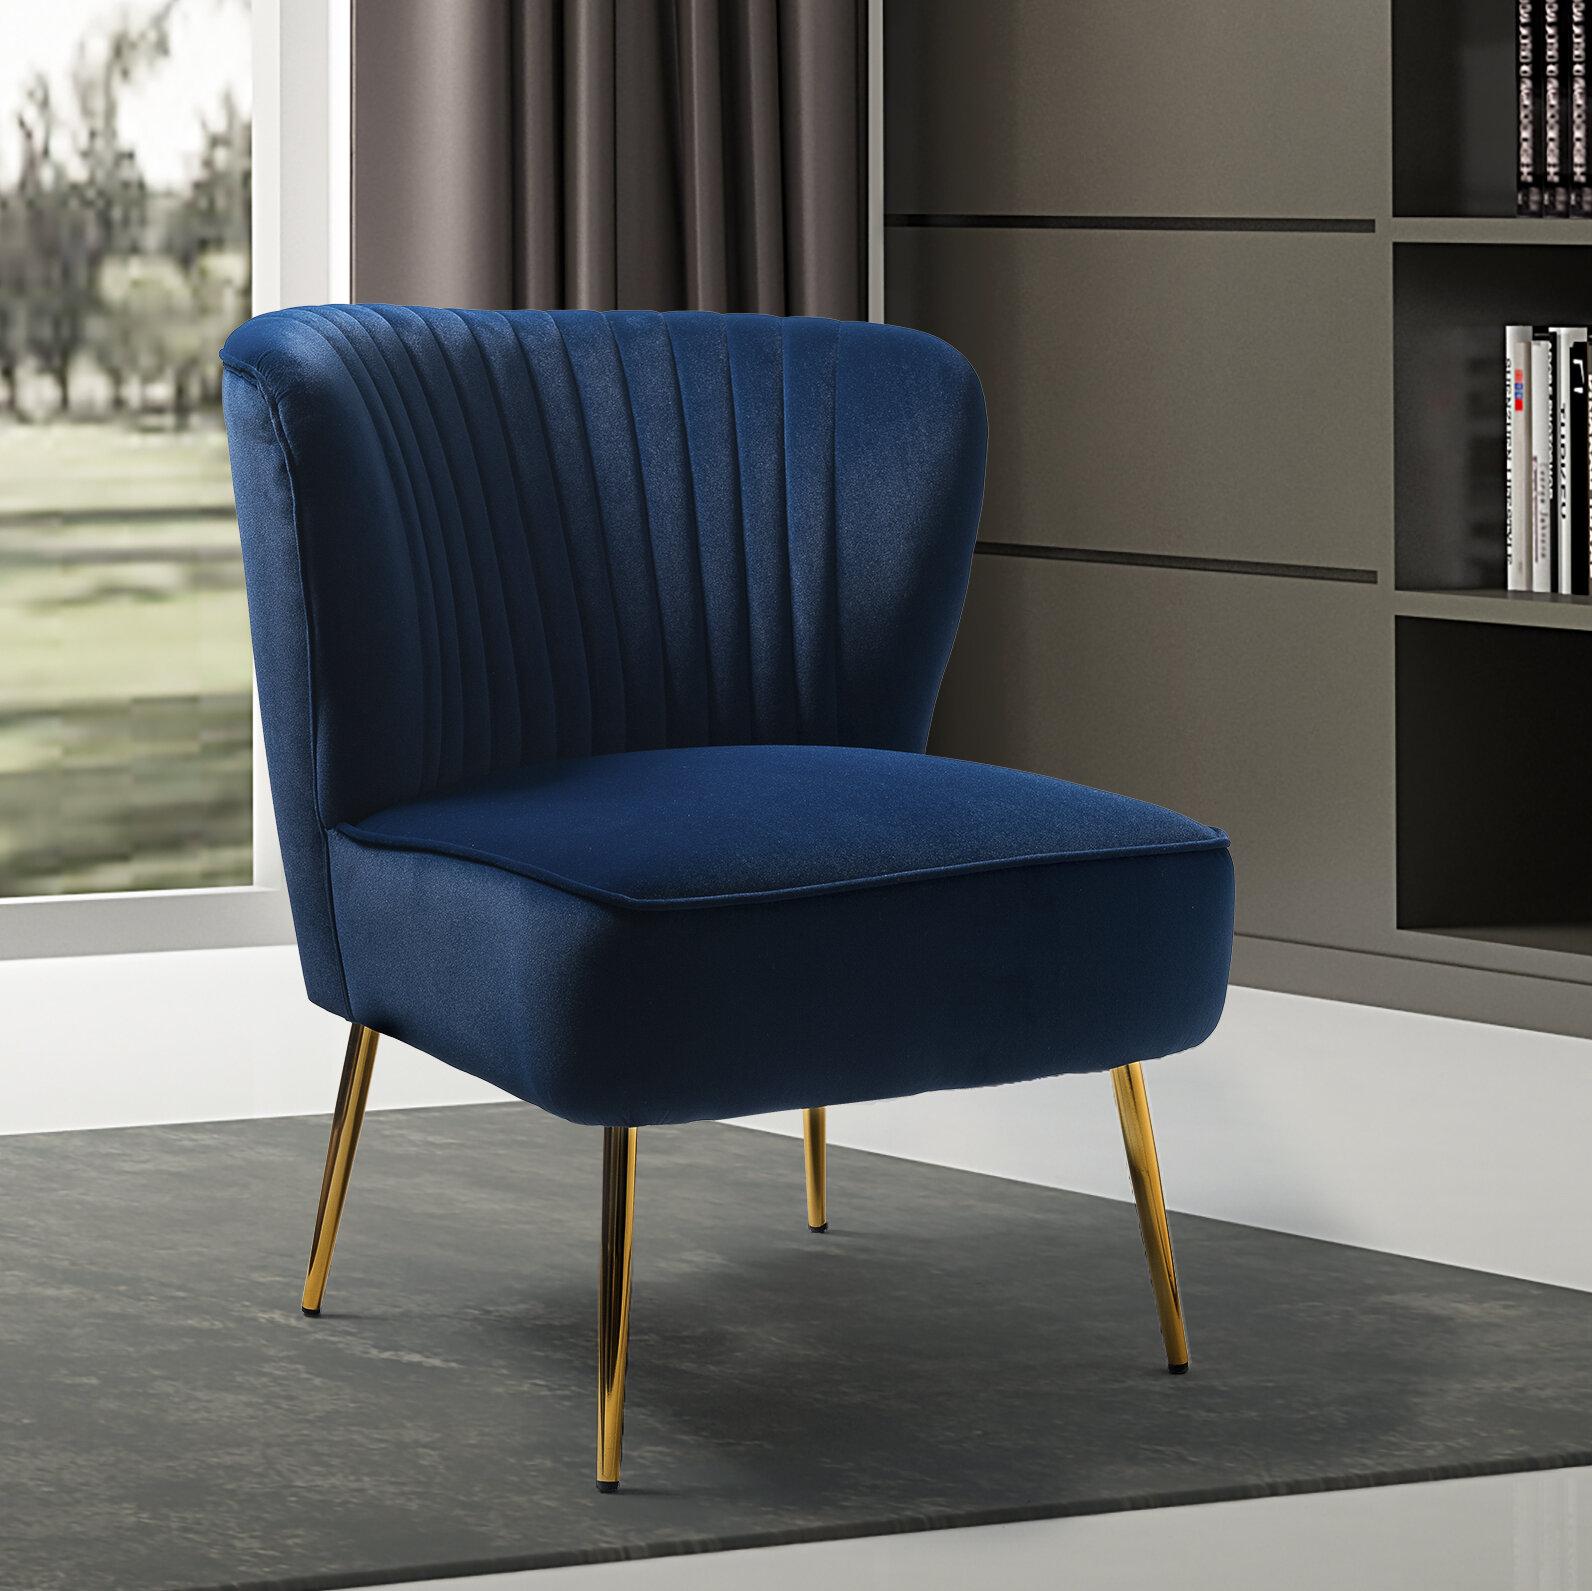 Erasmus Side Chair Regarding Easterling Velvet Slipper Chairs (View 8 of 15)